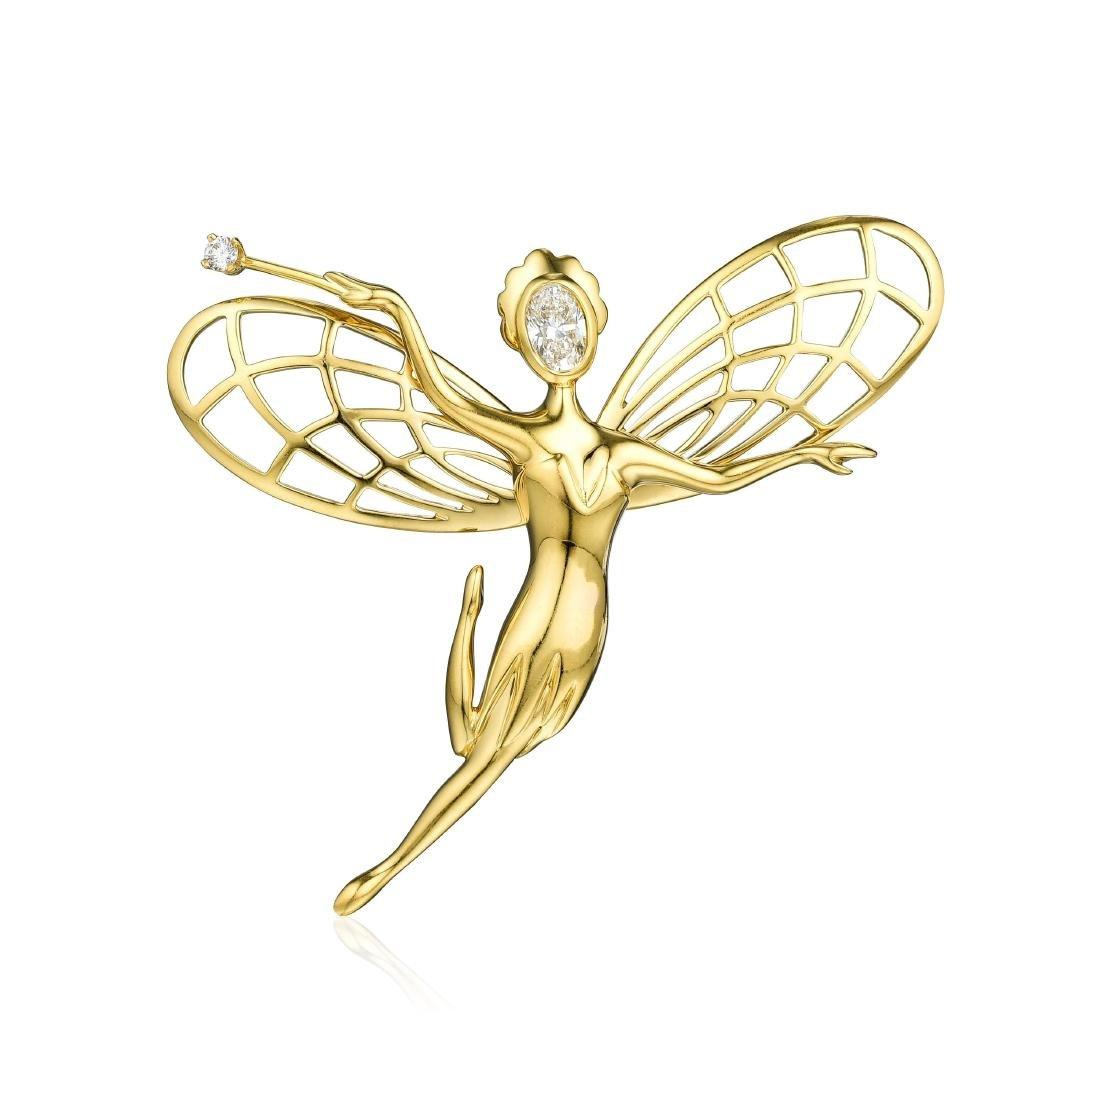 Van Cleef & Arpels Diamond Fairy Brooch